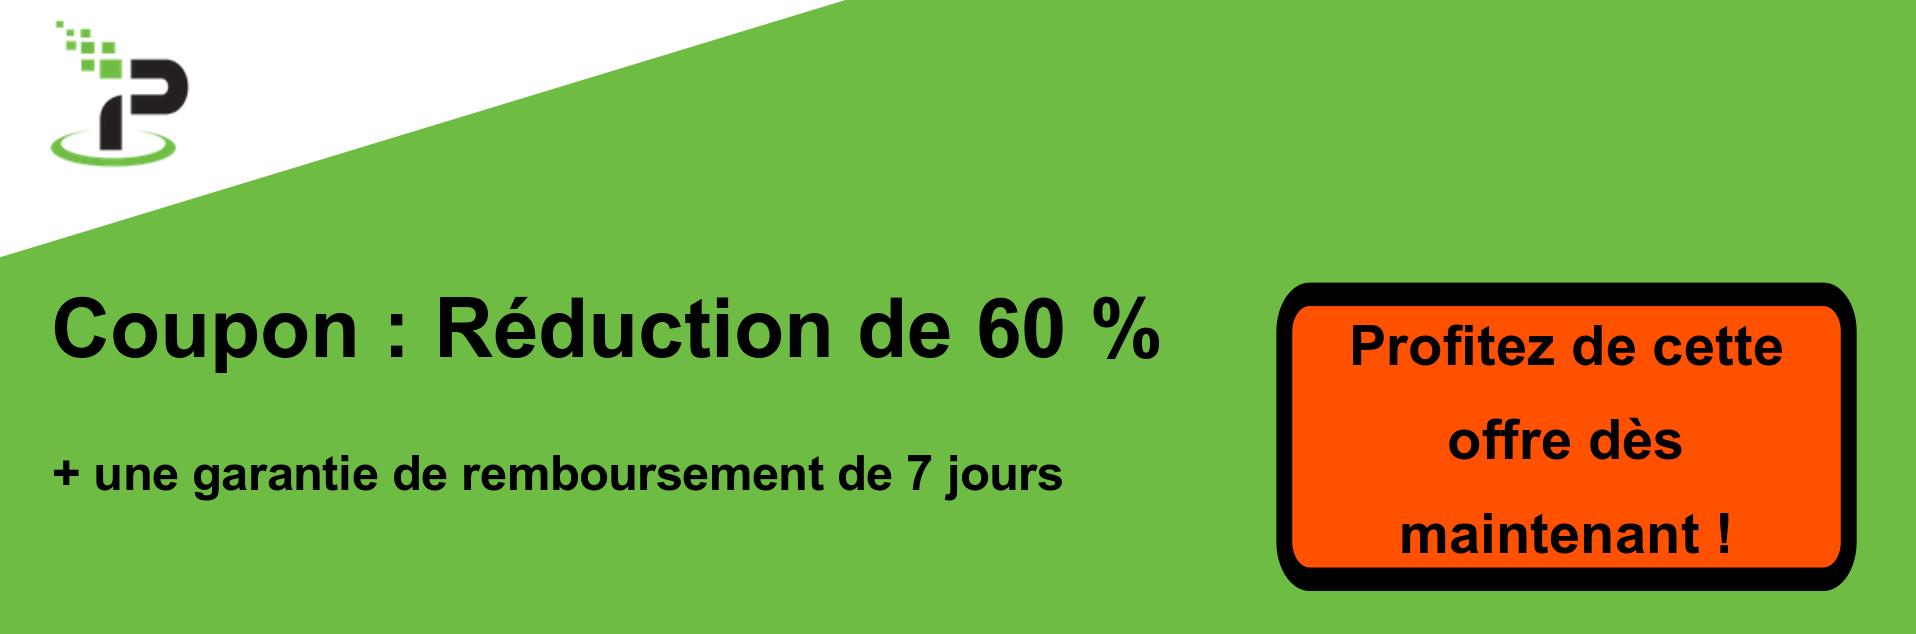 Bannière de coupons IPVanish - 60% de réduction